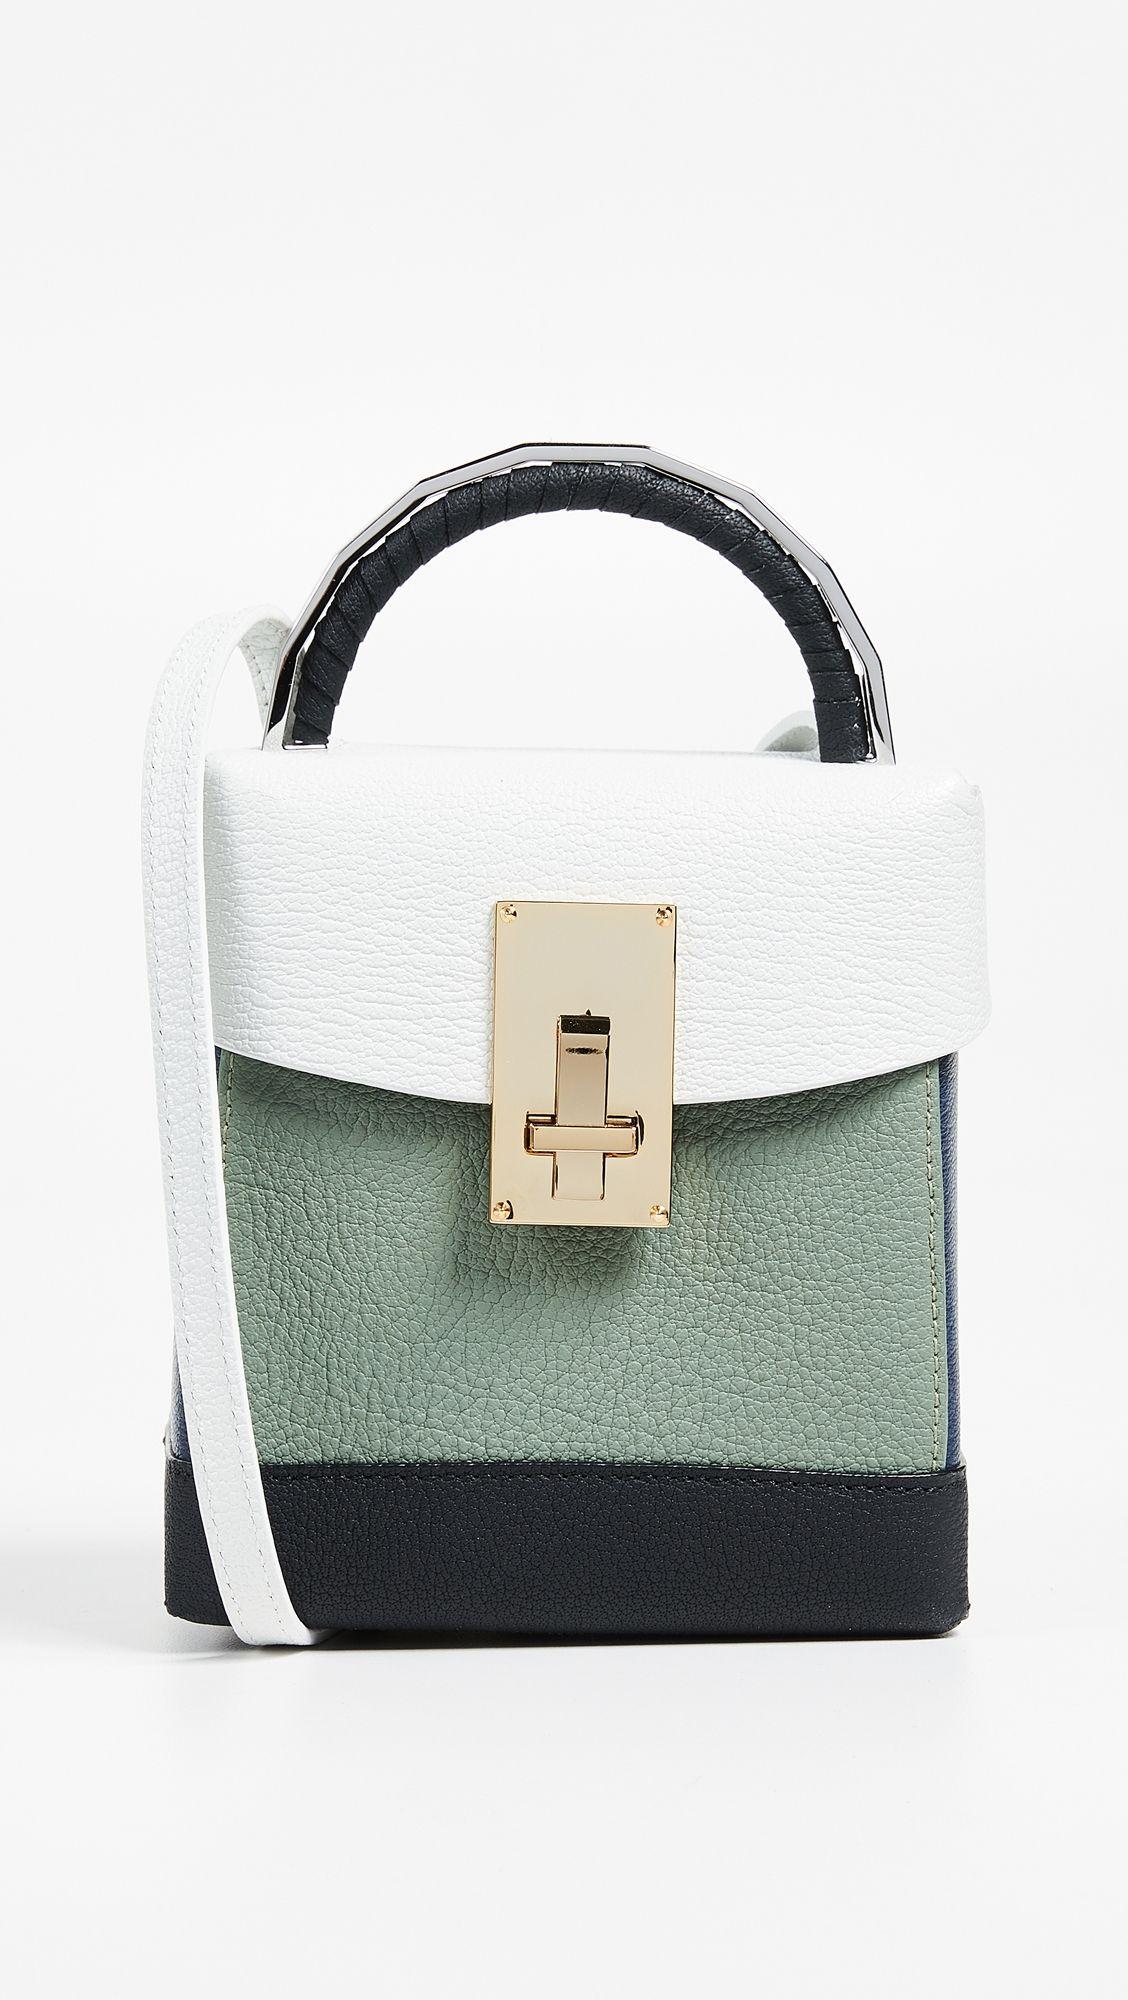 a3c1b246eef5 THE VOLON Box Bag